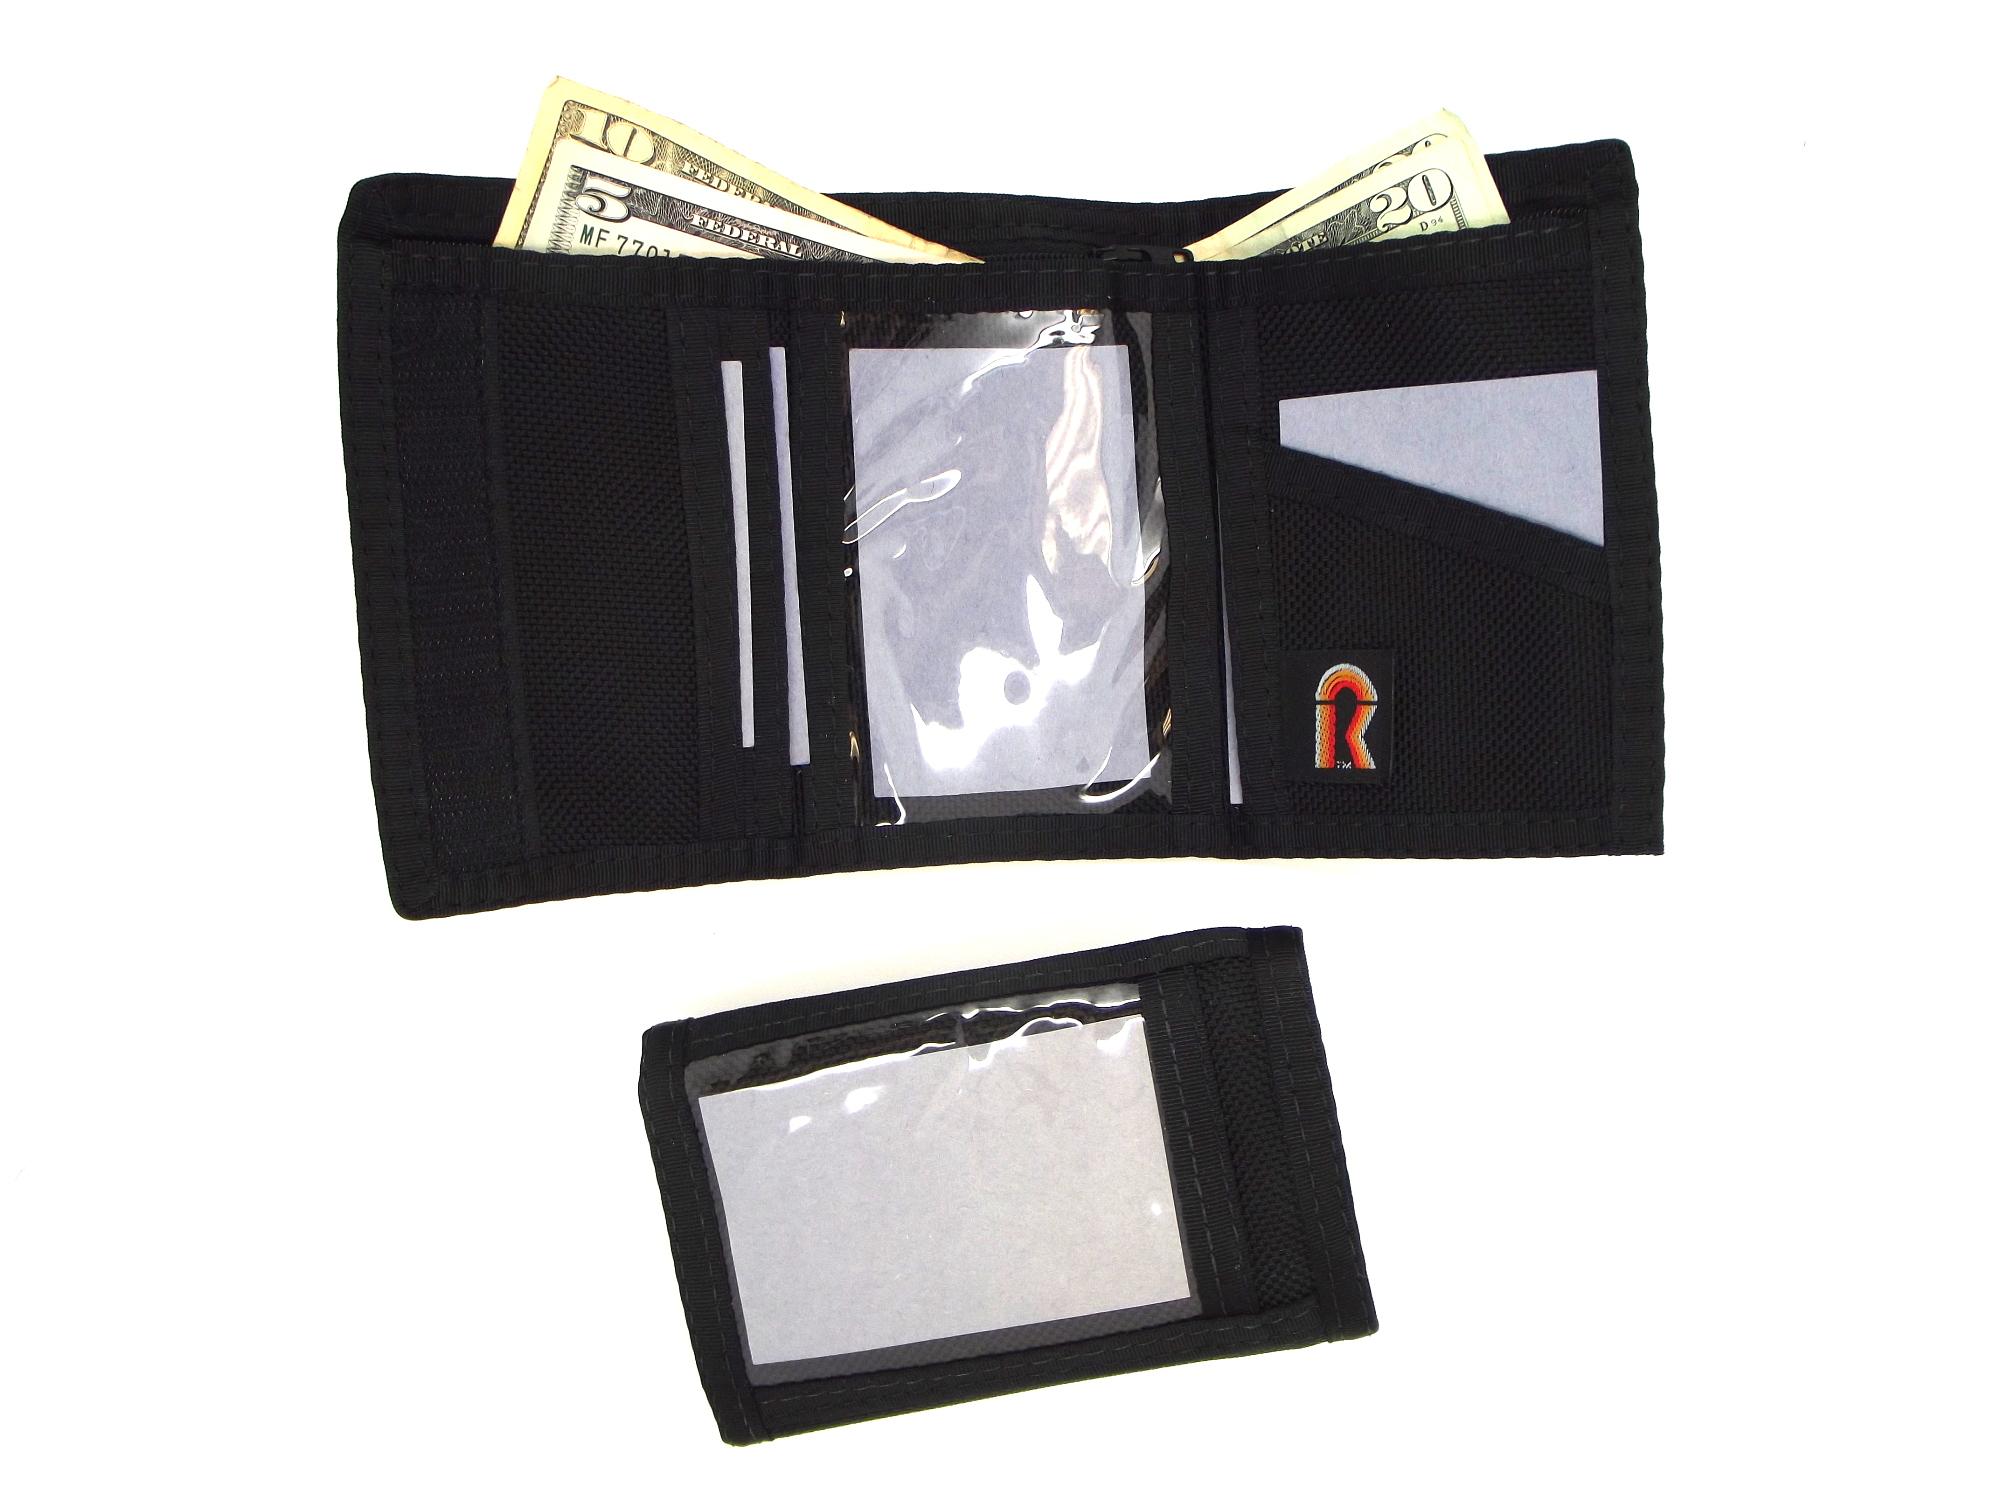 trifold black ballistc nylon inside outside window wallet made in